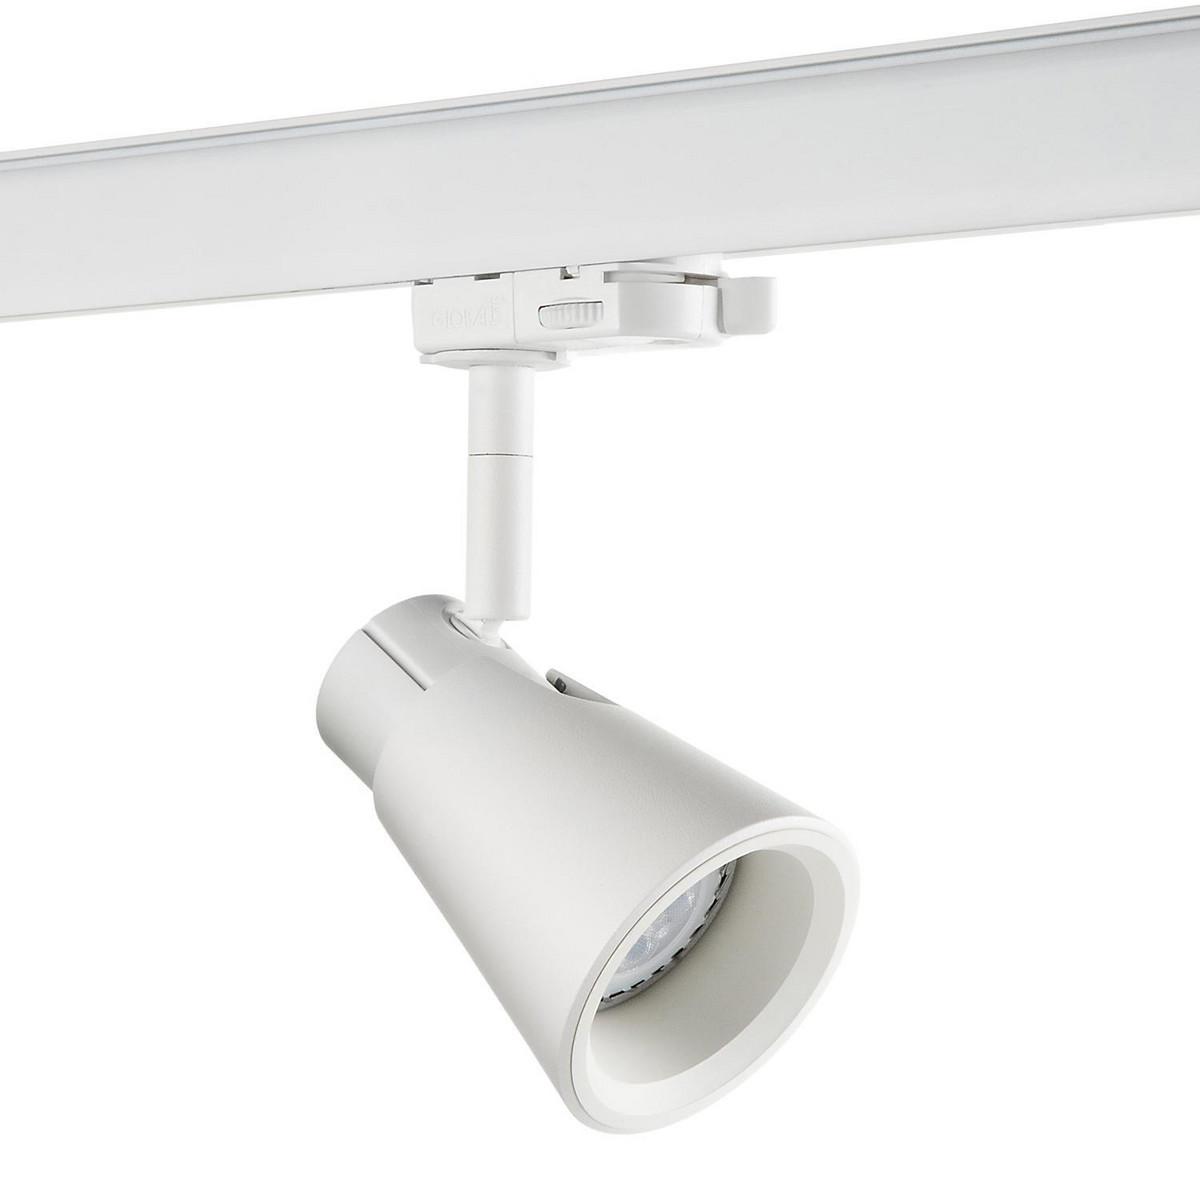 Zip Zoom Mat-Hvid 6,5W LED 2700K 3Fase